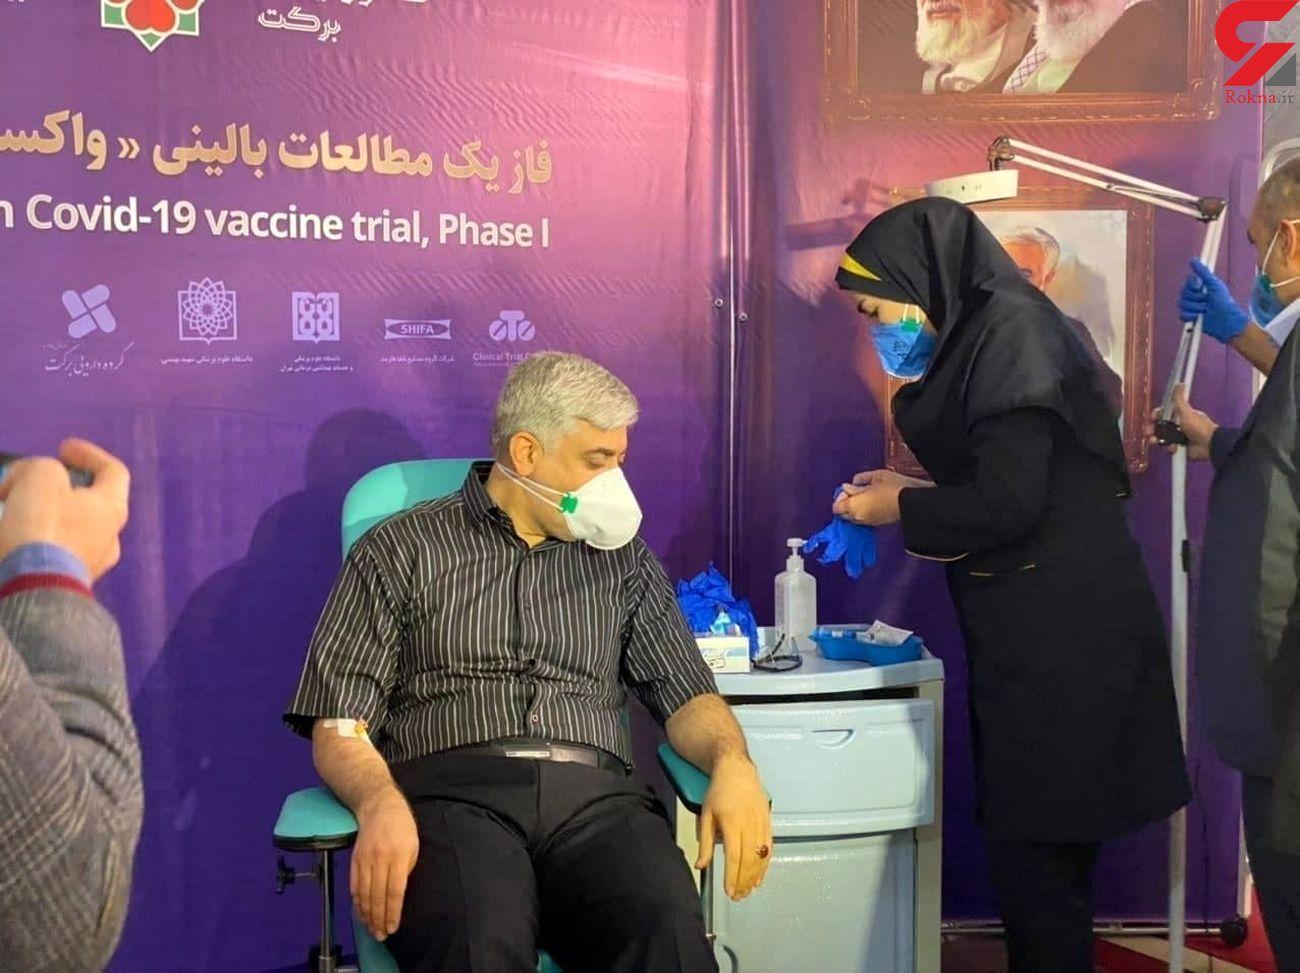 دومین نفری که واکسن کرونا ایرانی را دریافت کرد چه کسی بود ؟ + عکس